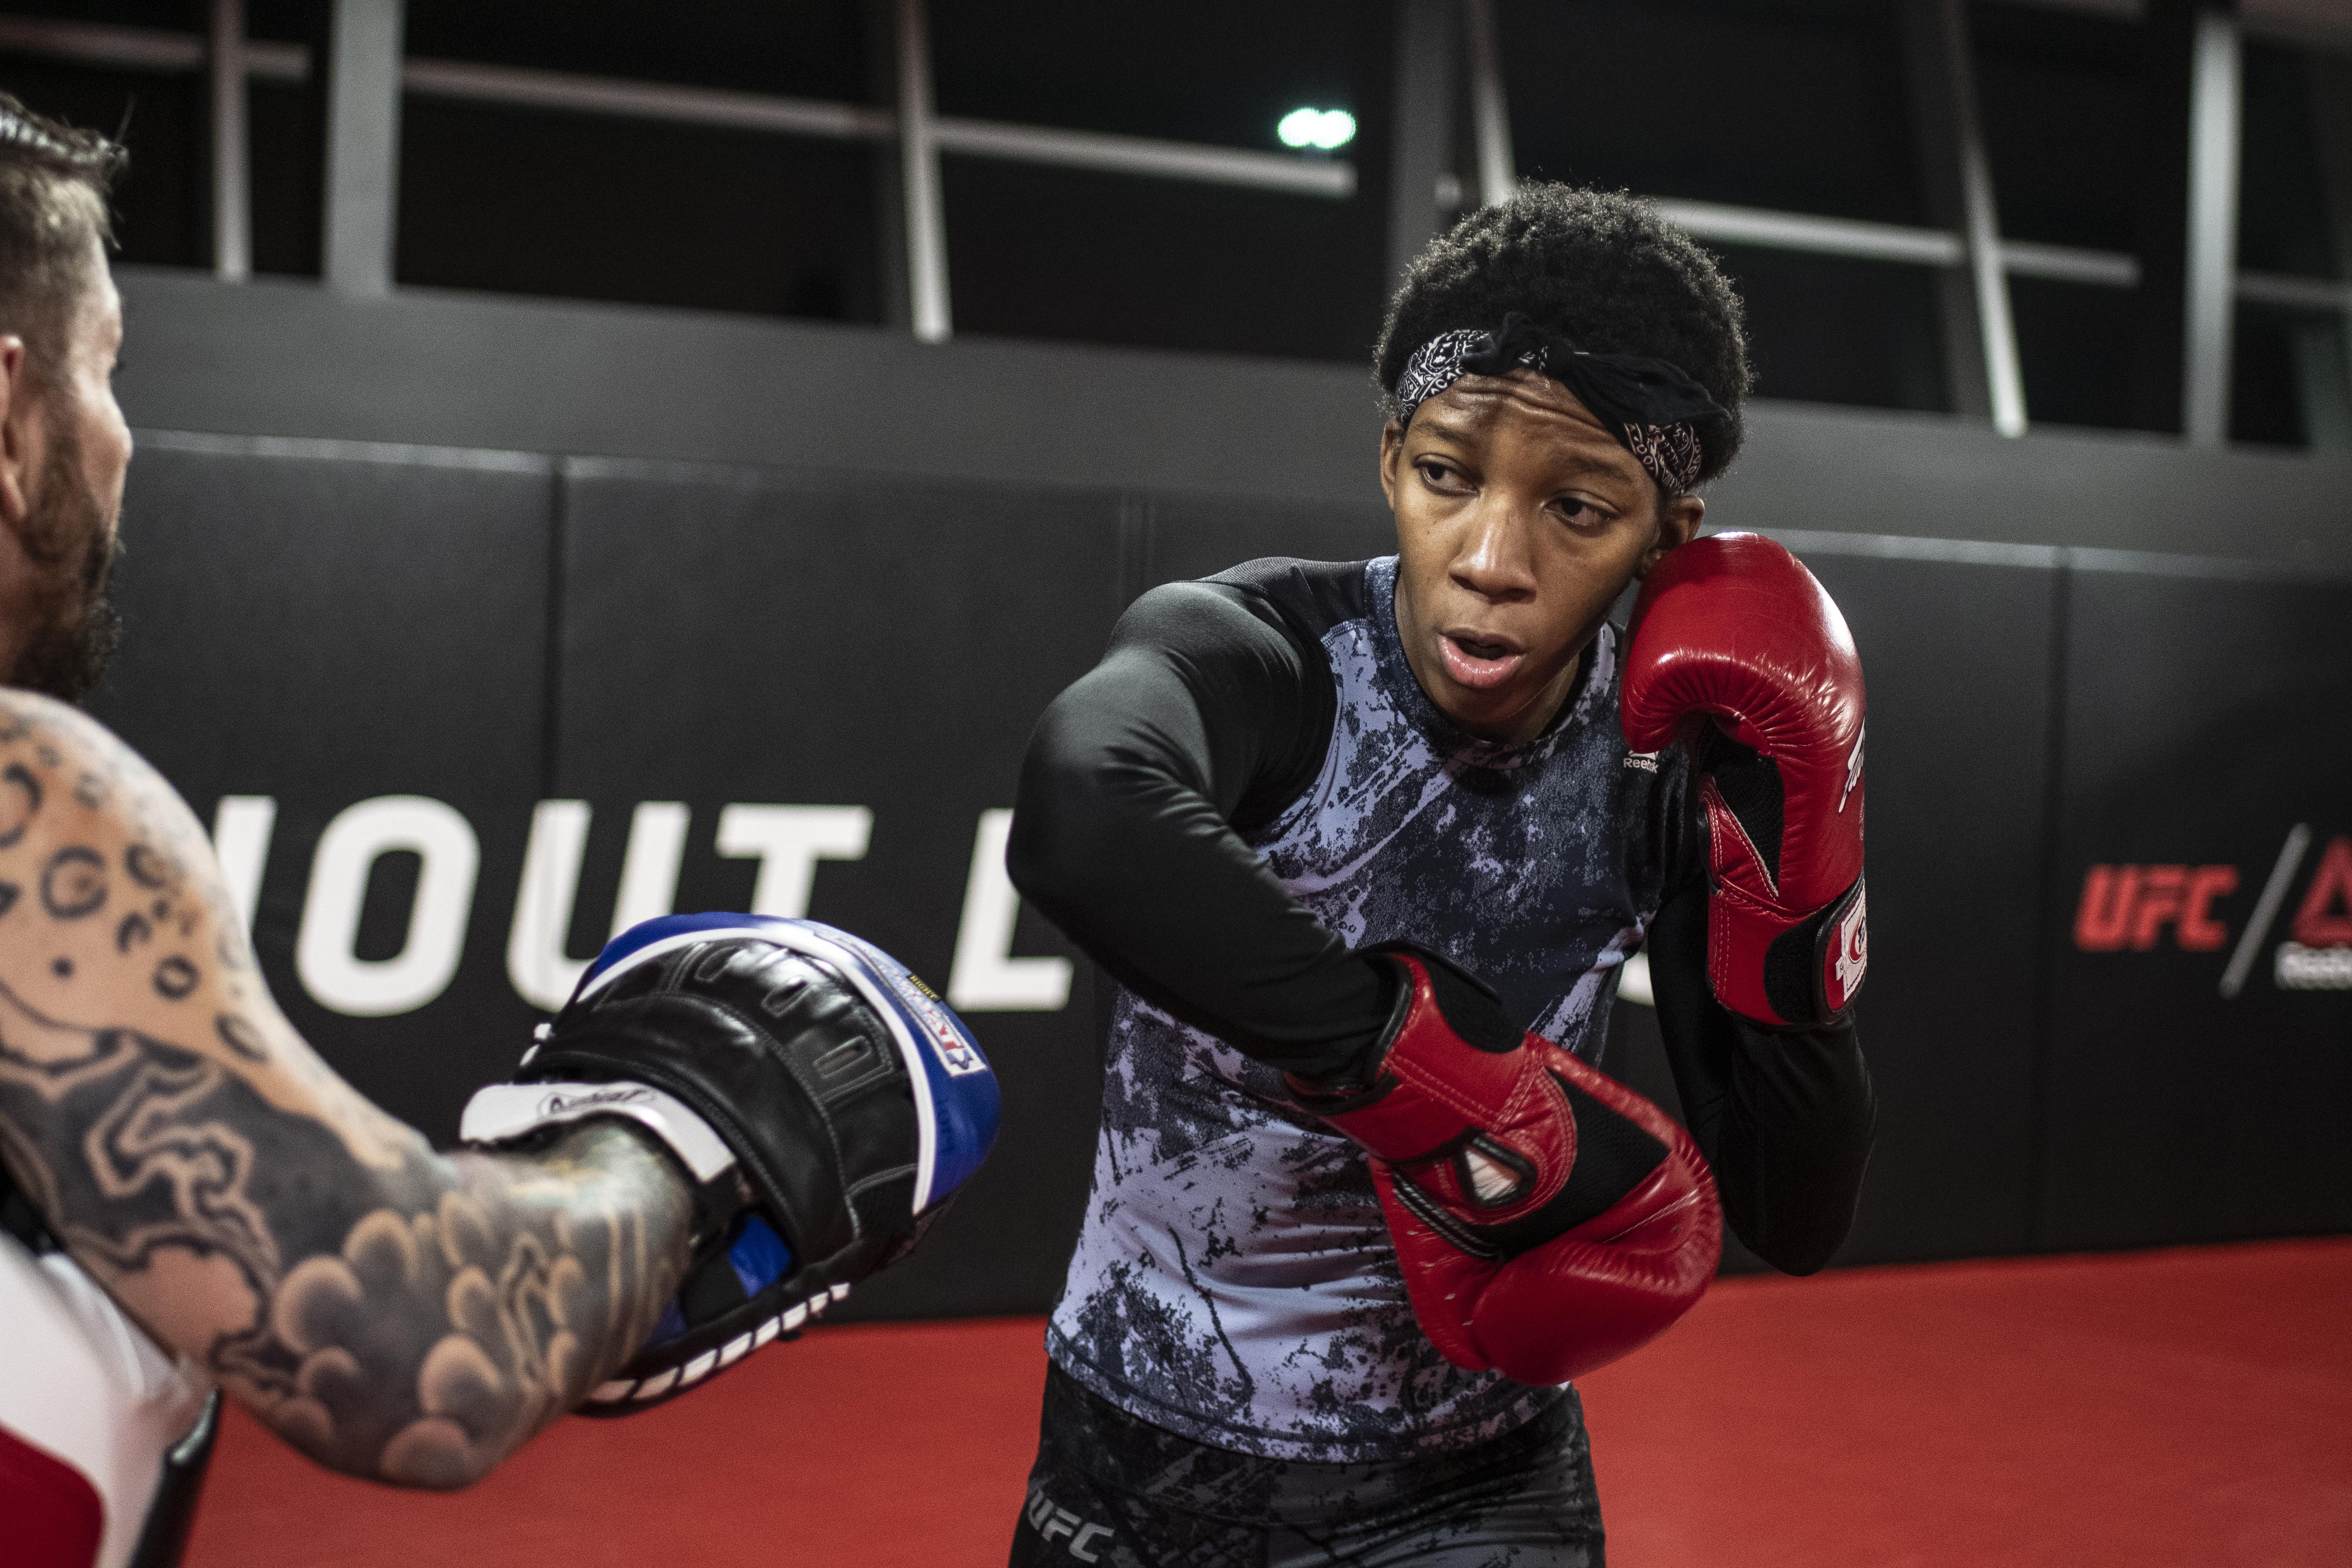 Joselyne Edwards training during UFC Vegas 18 fight week